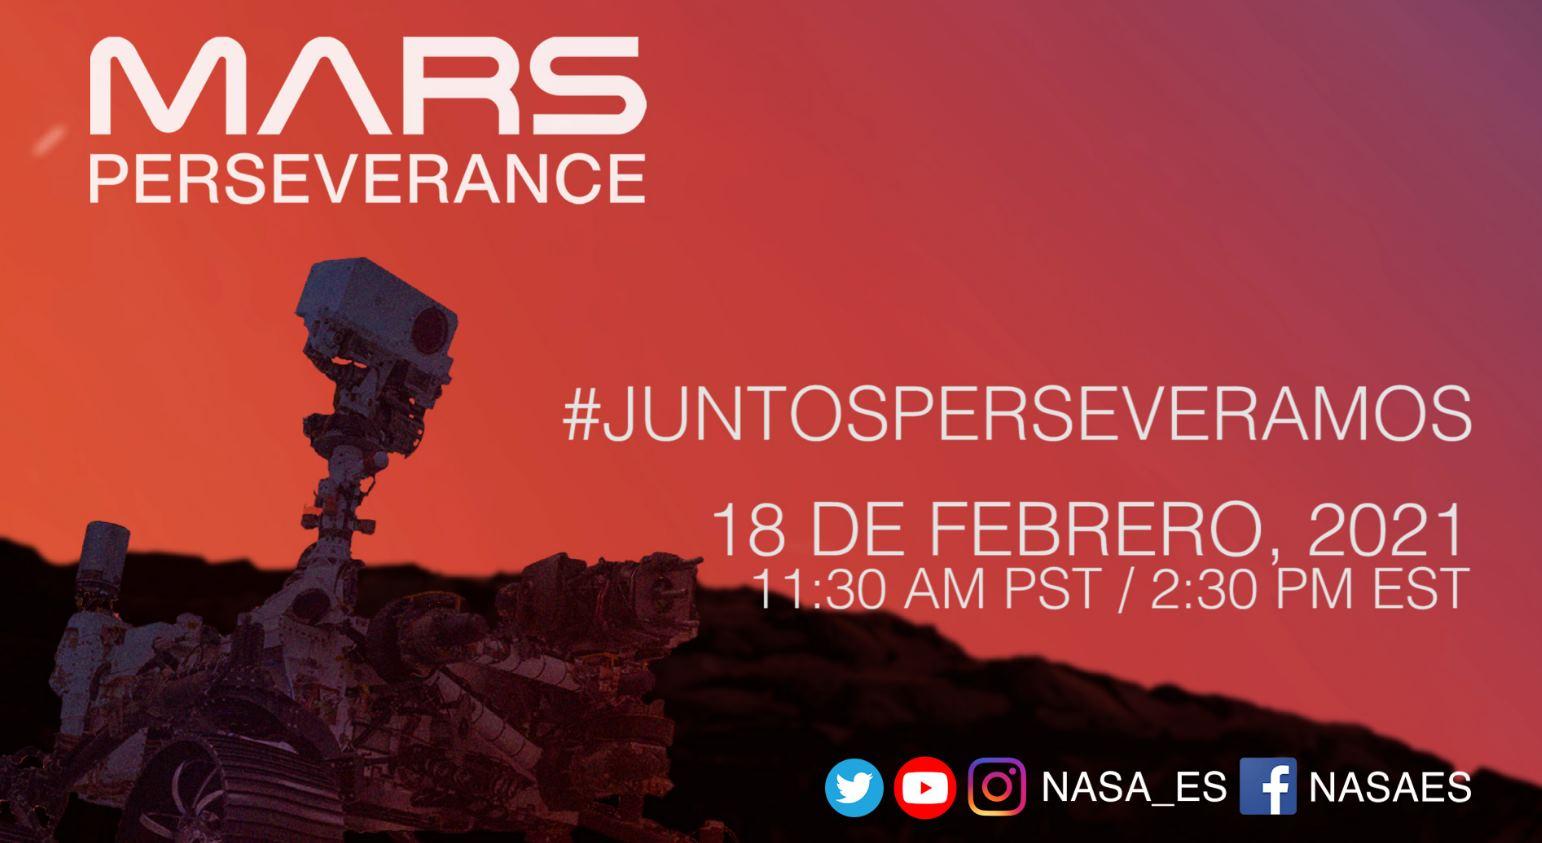 La NASA transmitirá en español el aterrizaje del Rover Mars Perseverance